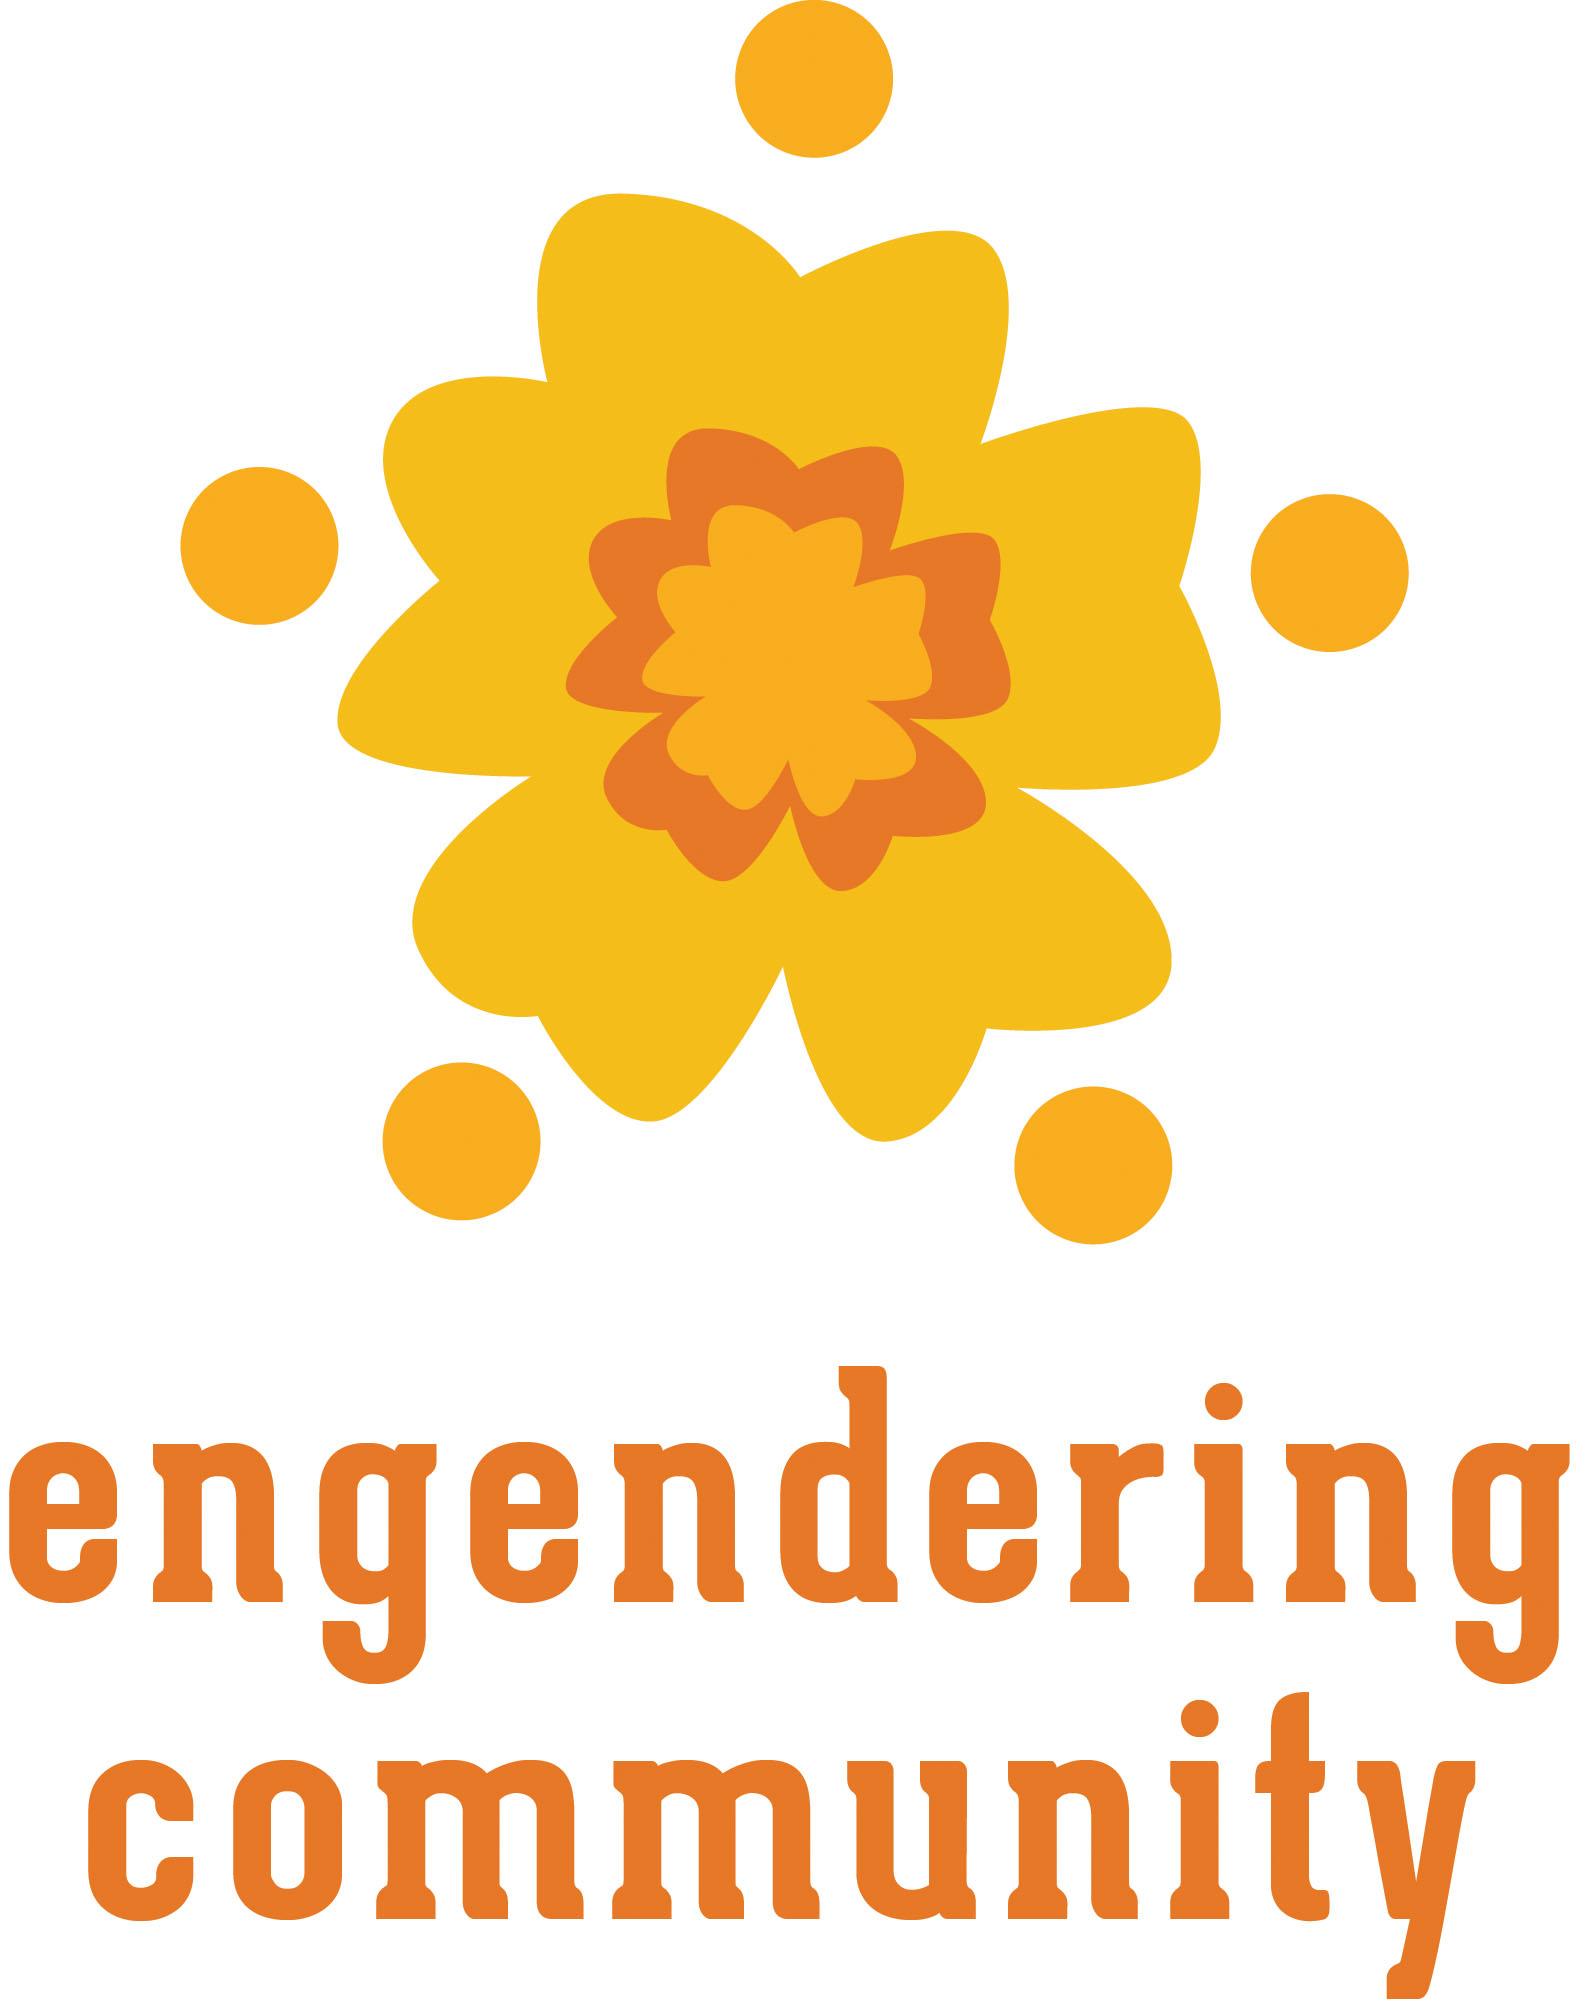 engendering-logo.jpg